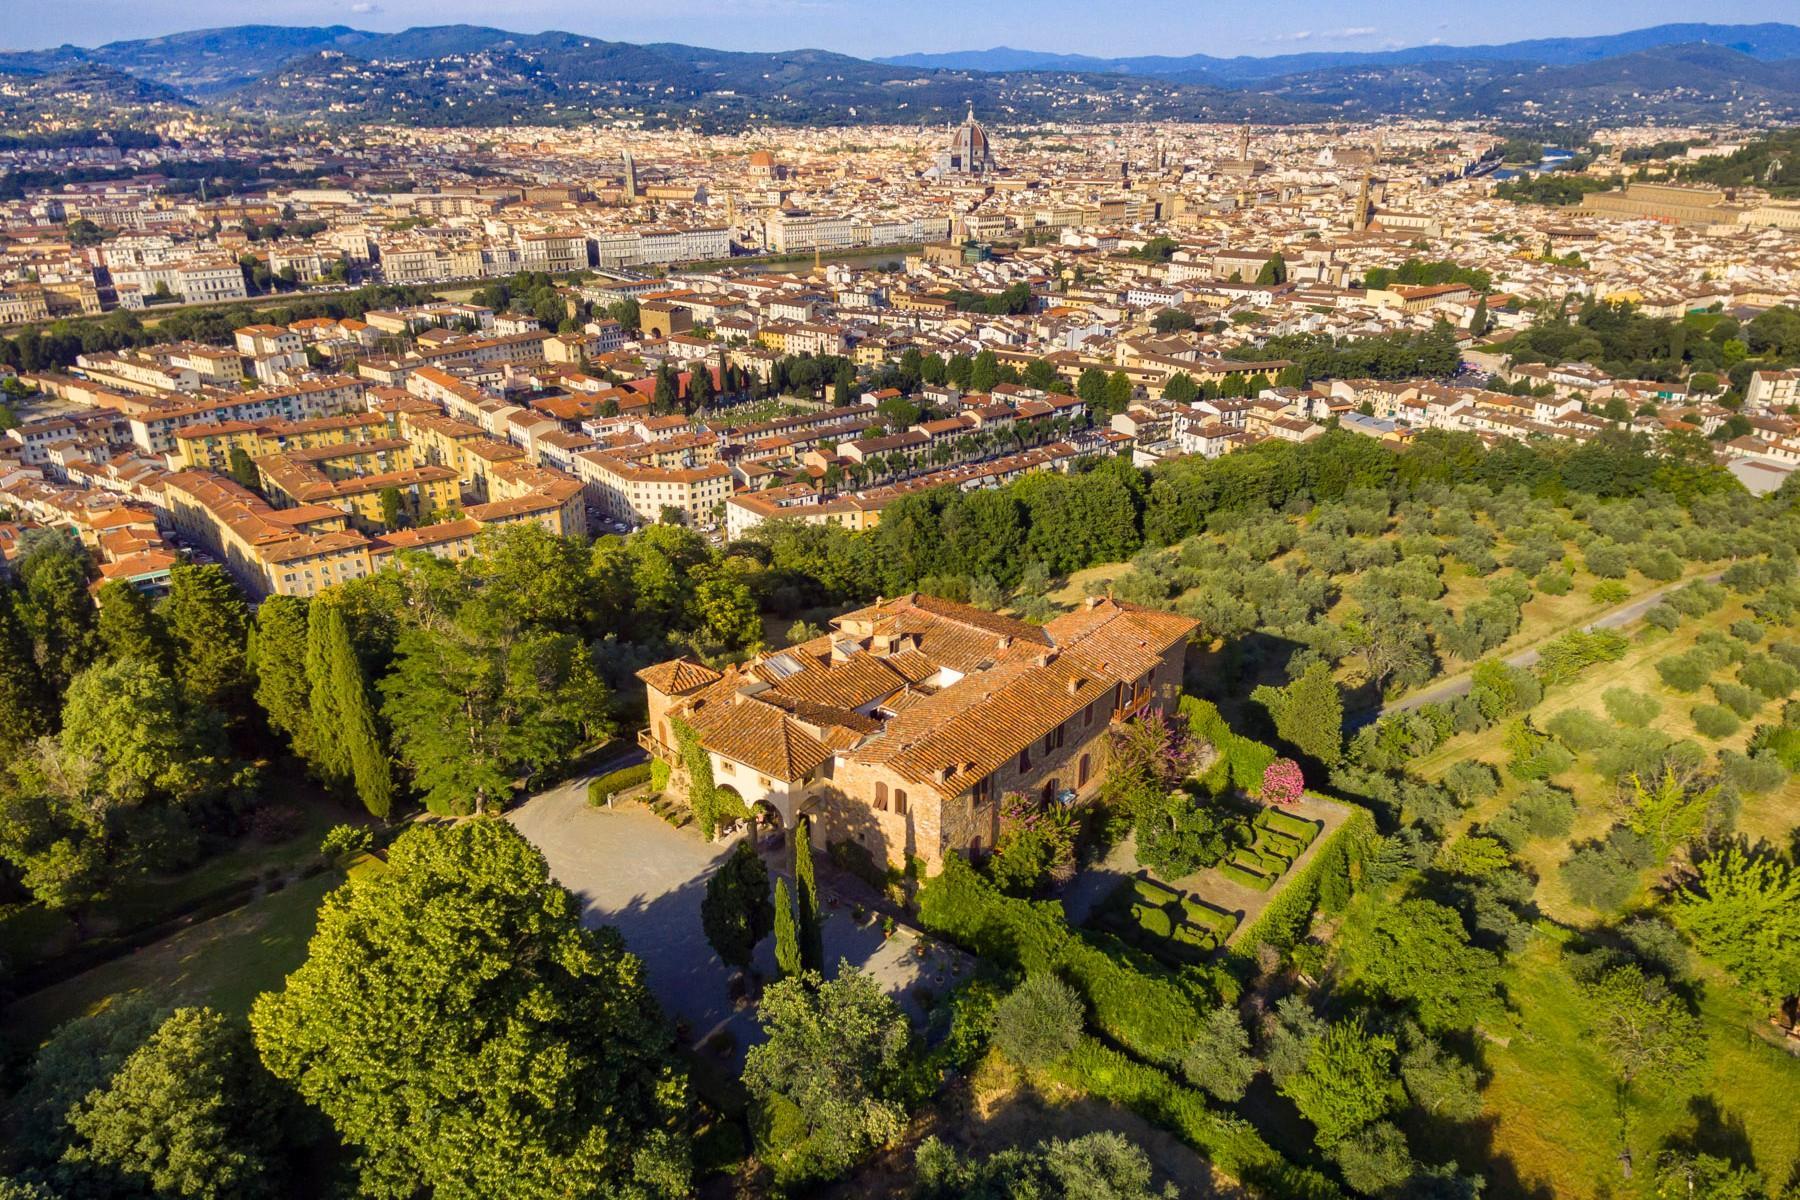 Wunderschöne Immobilien mit atemberaubendem Blick auf Florenz - 1